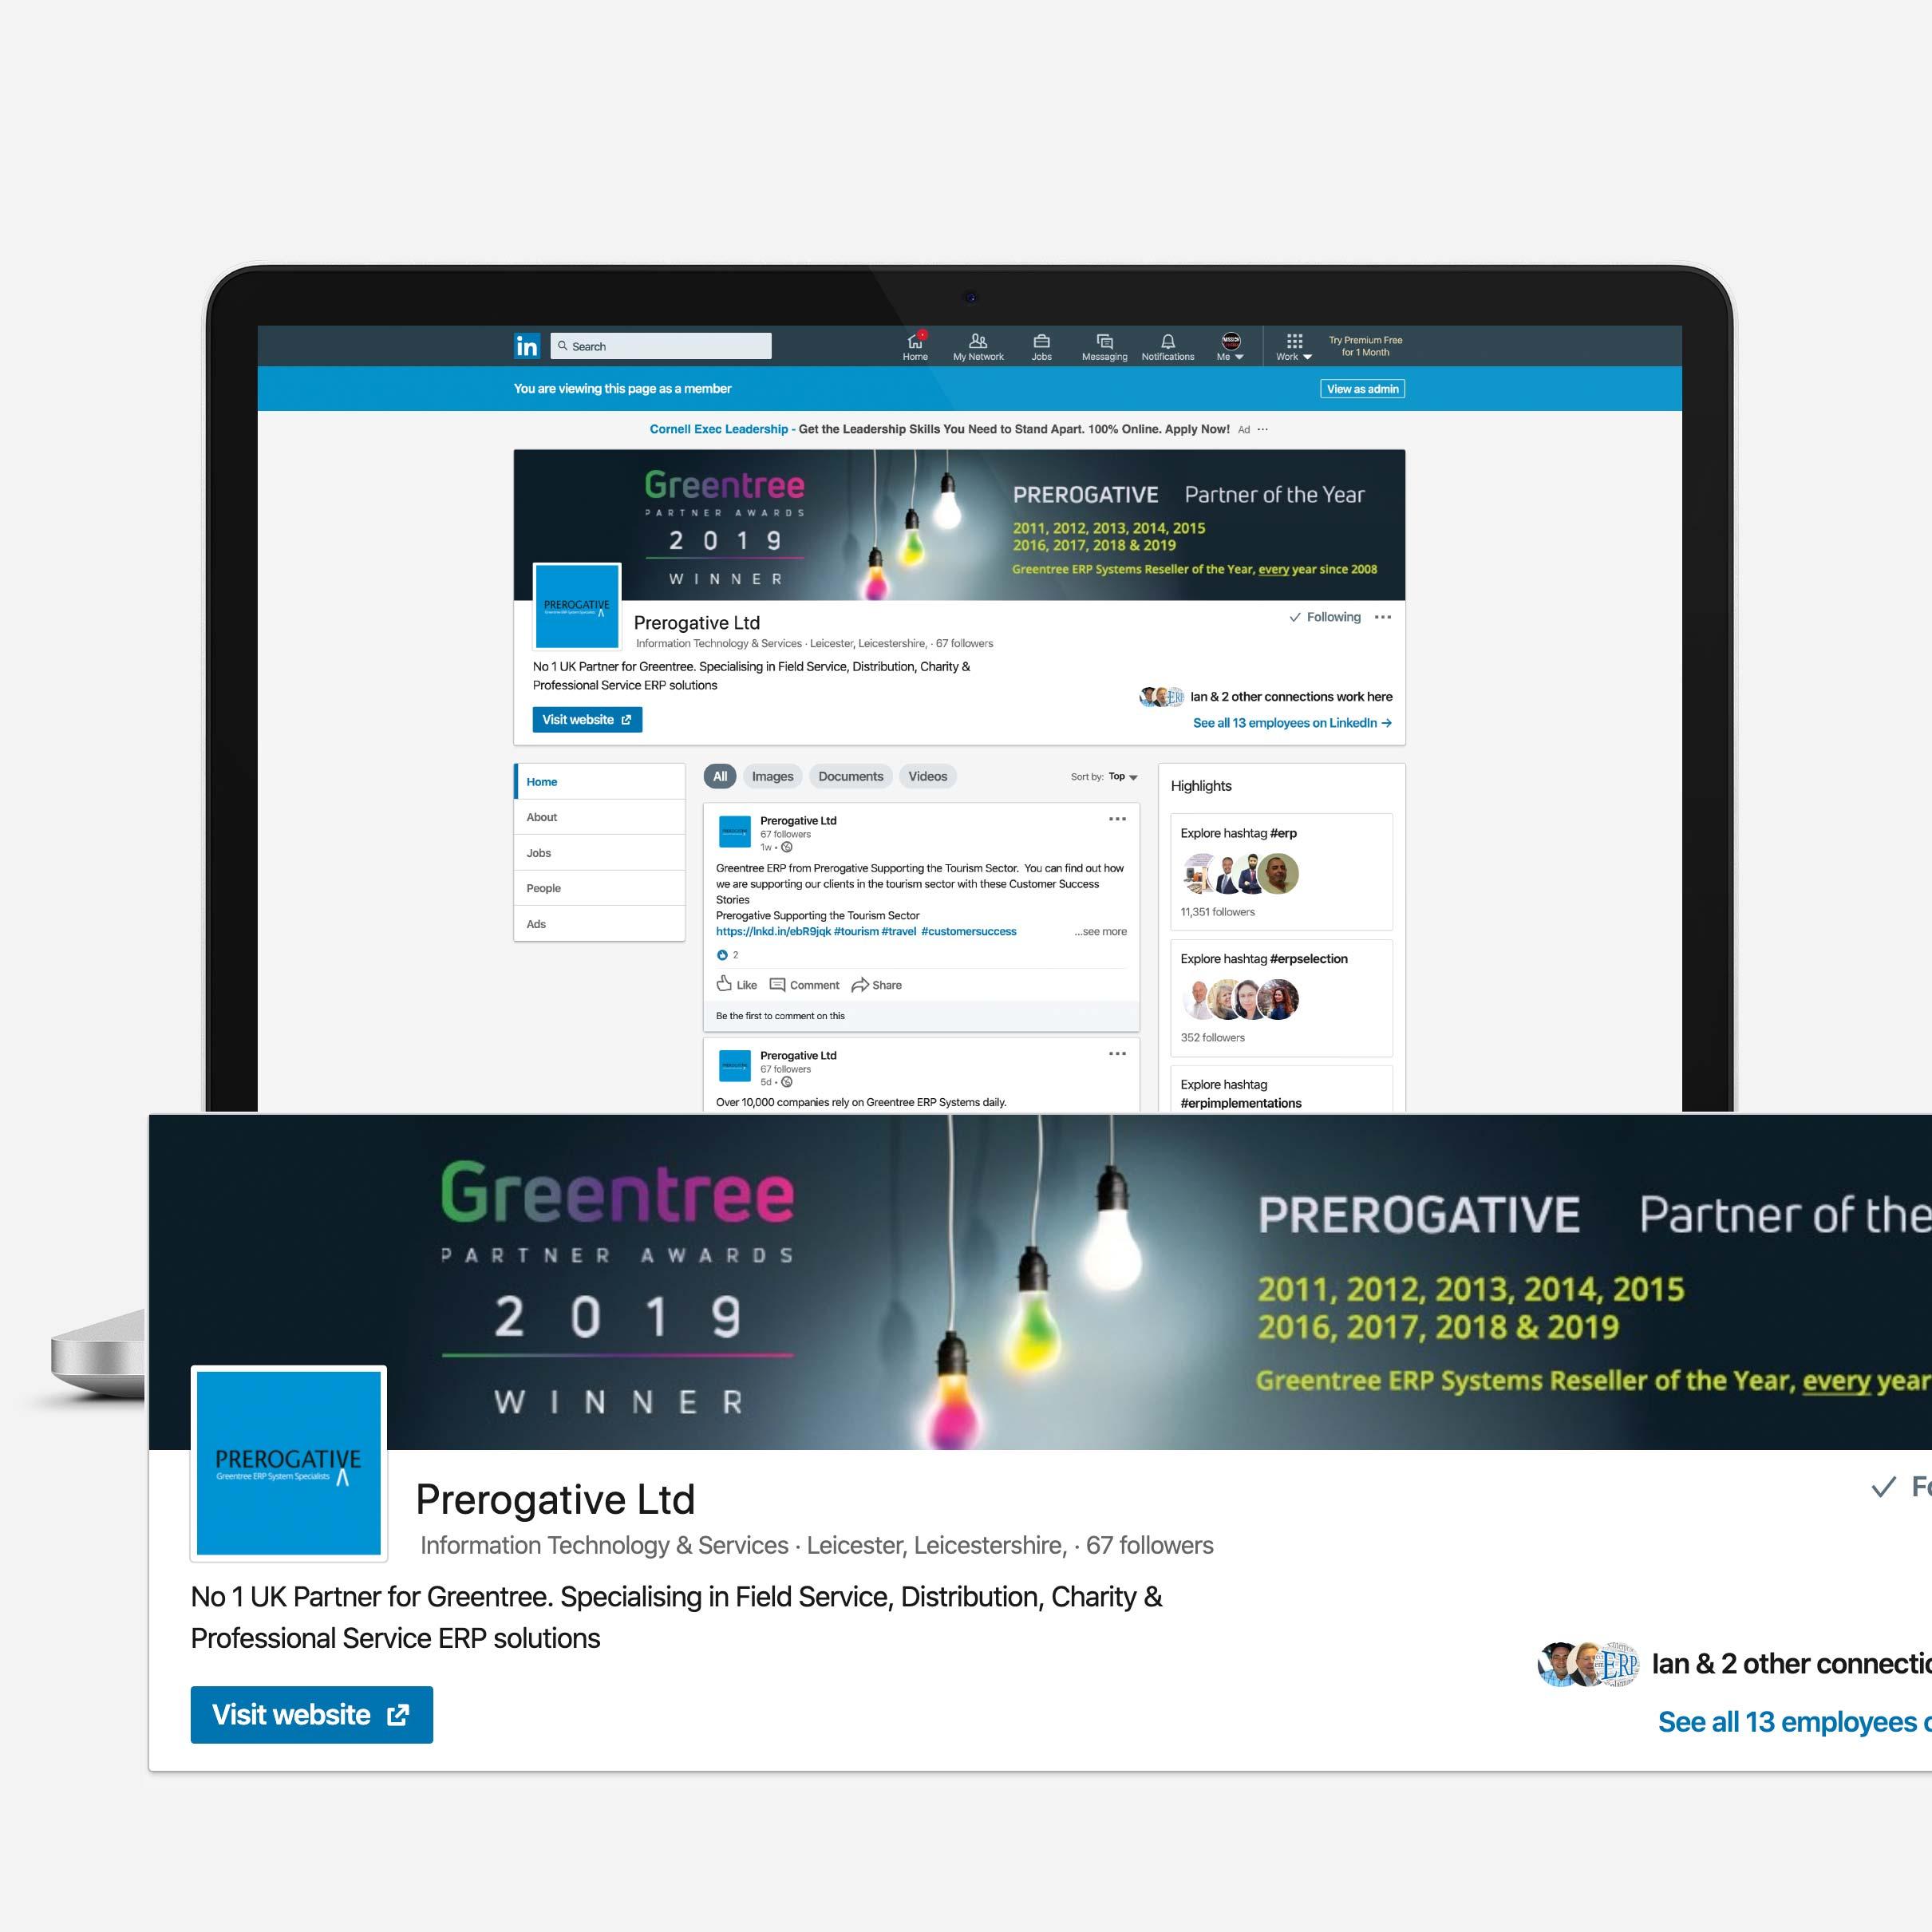 Prerogative LinkedIn Graphics 2020